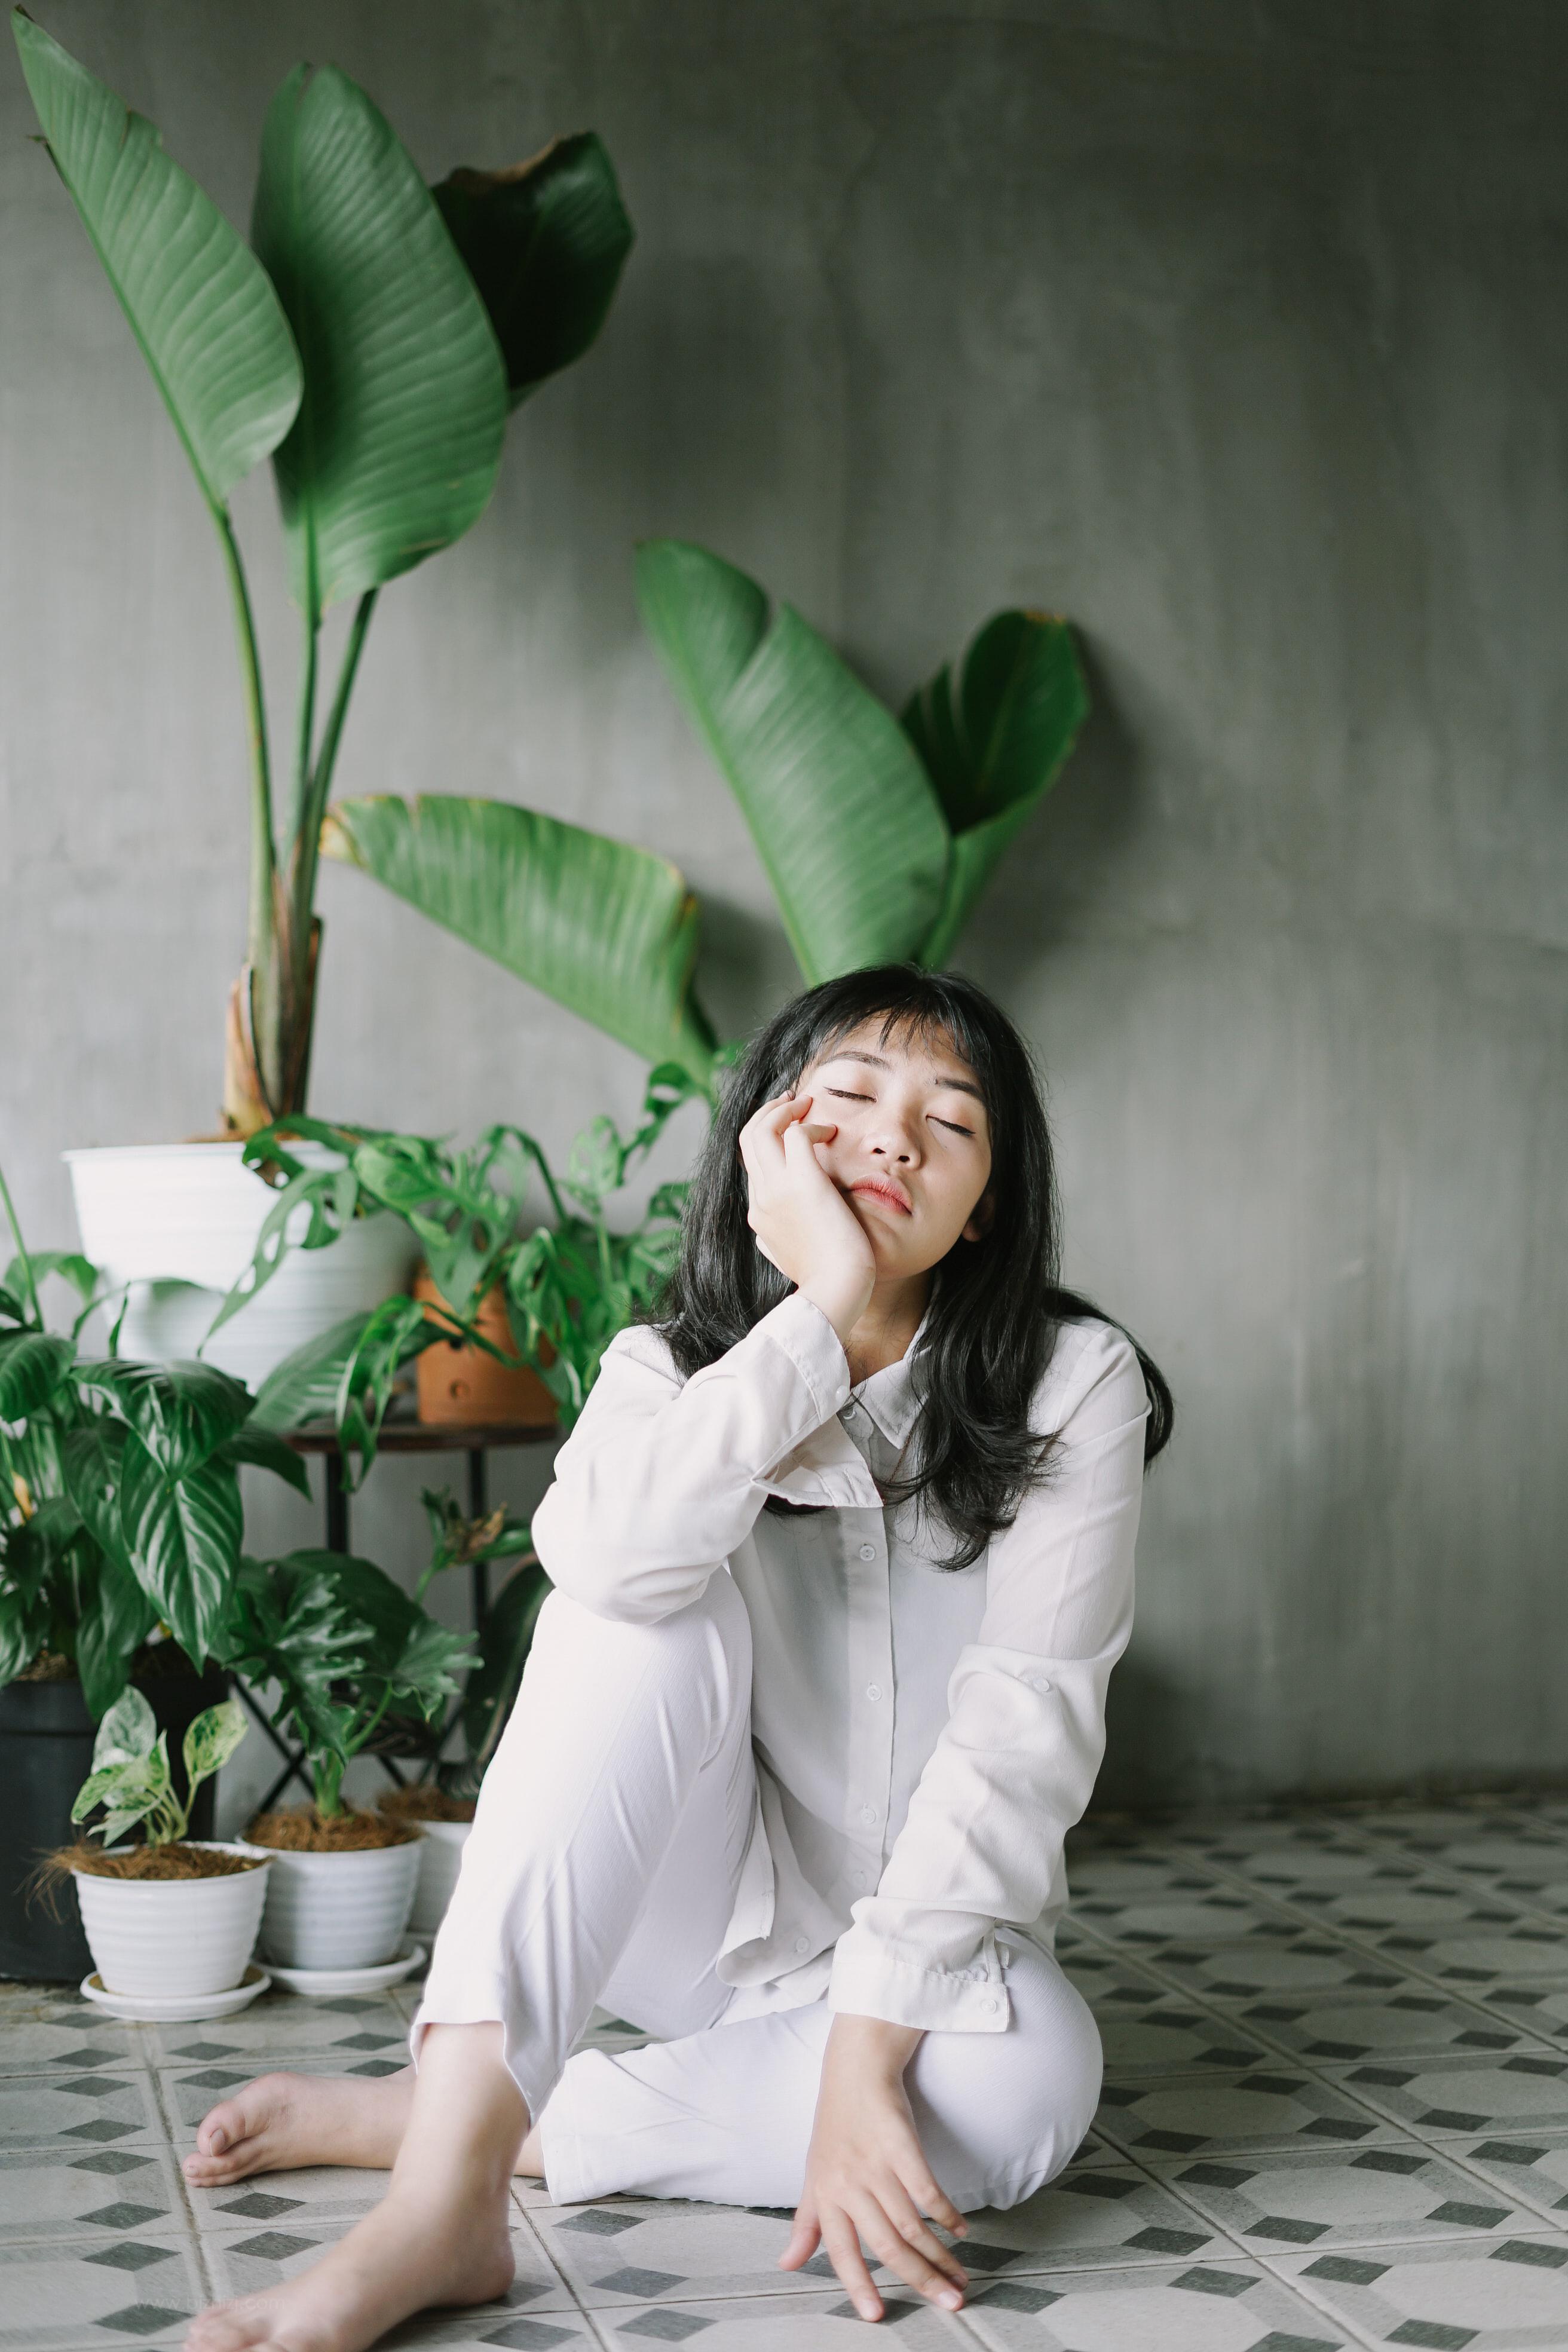 亚洲氧气女孩图片